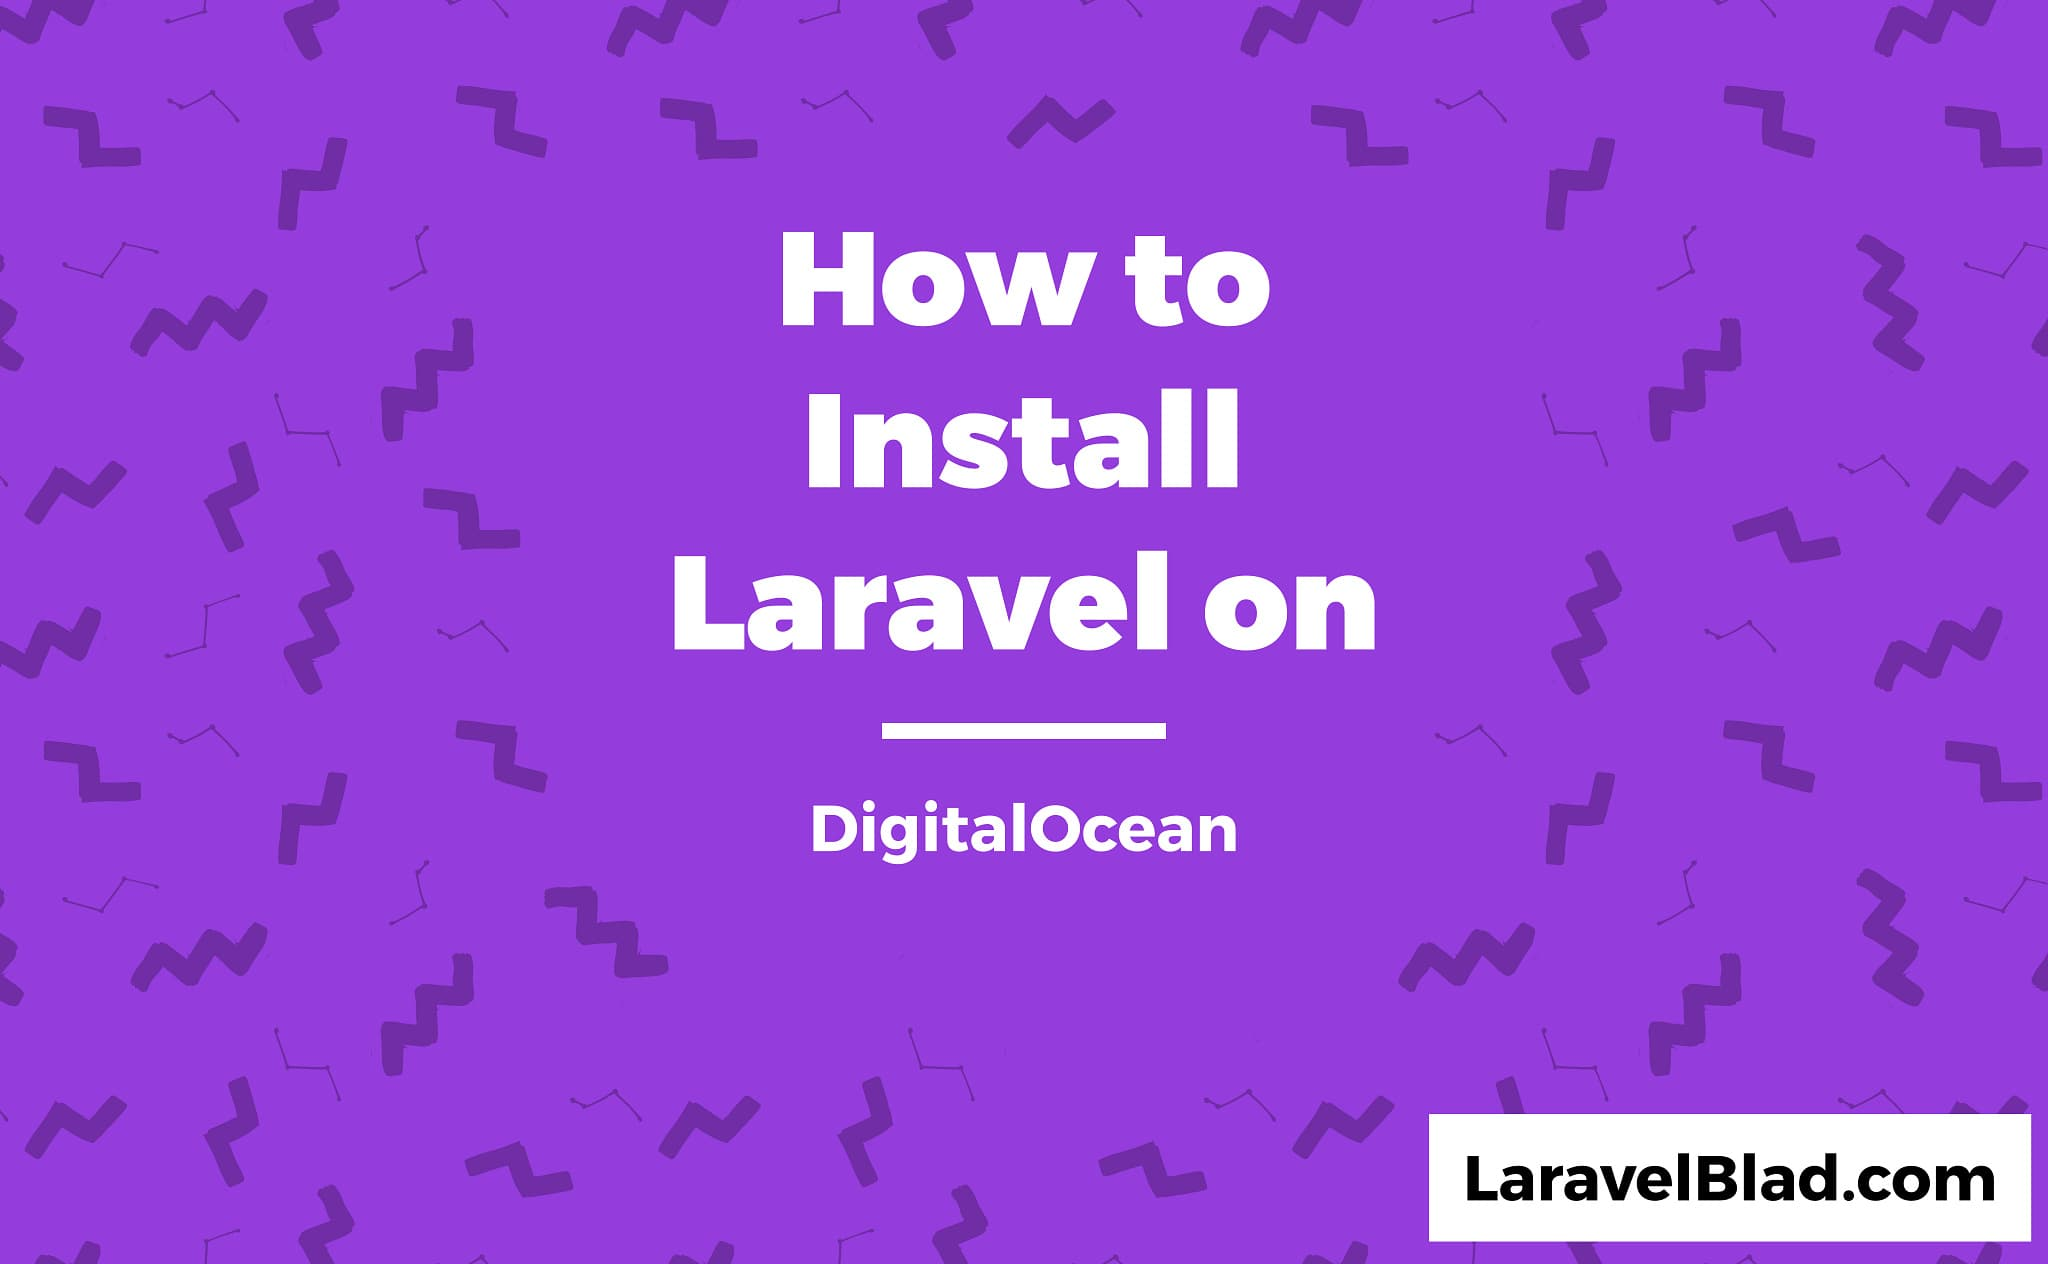 How to install Laravel on DigitalOcean